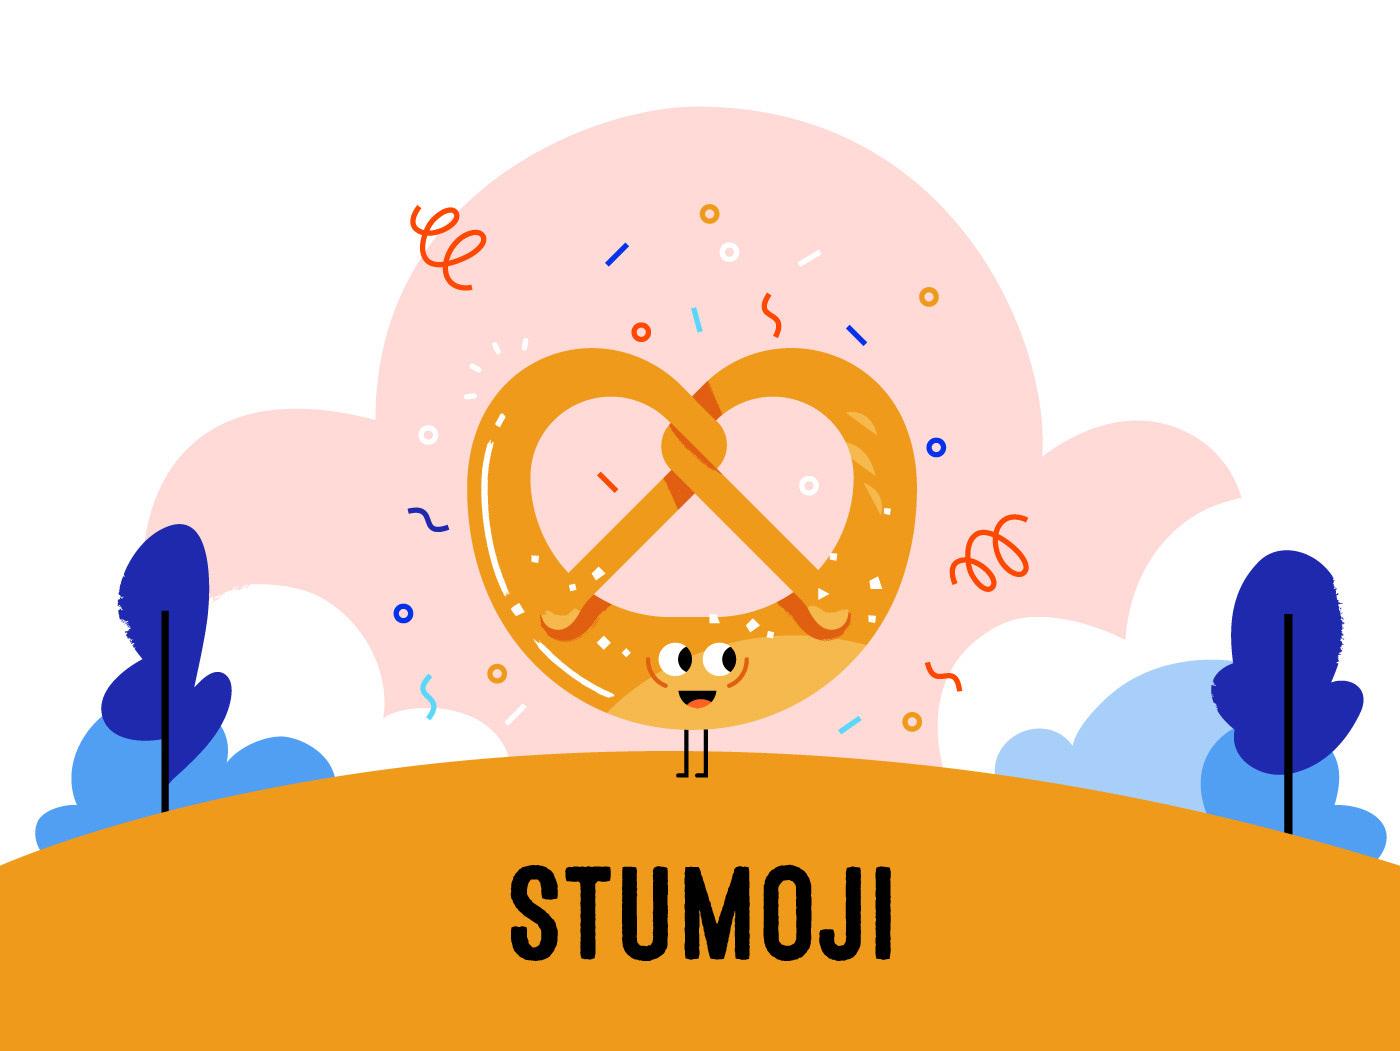 Emoji app stumoji stuttgart germany UI sticker culture Food  pretzel